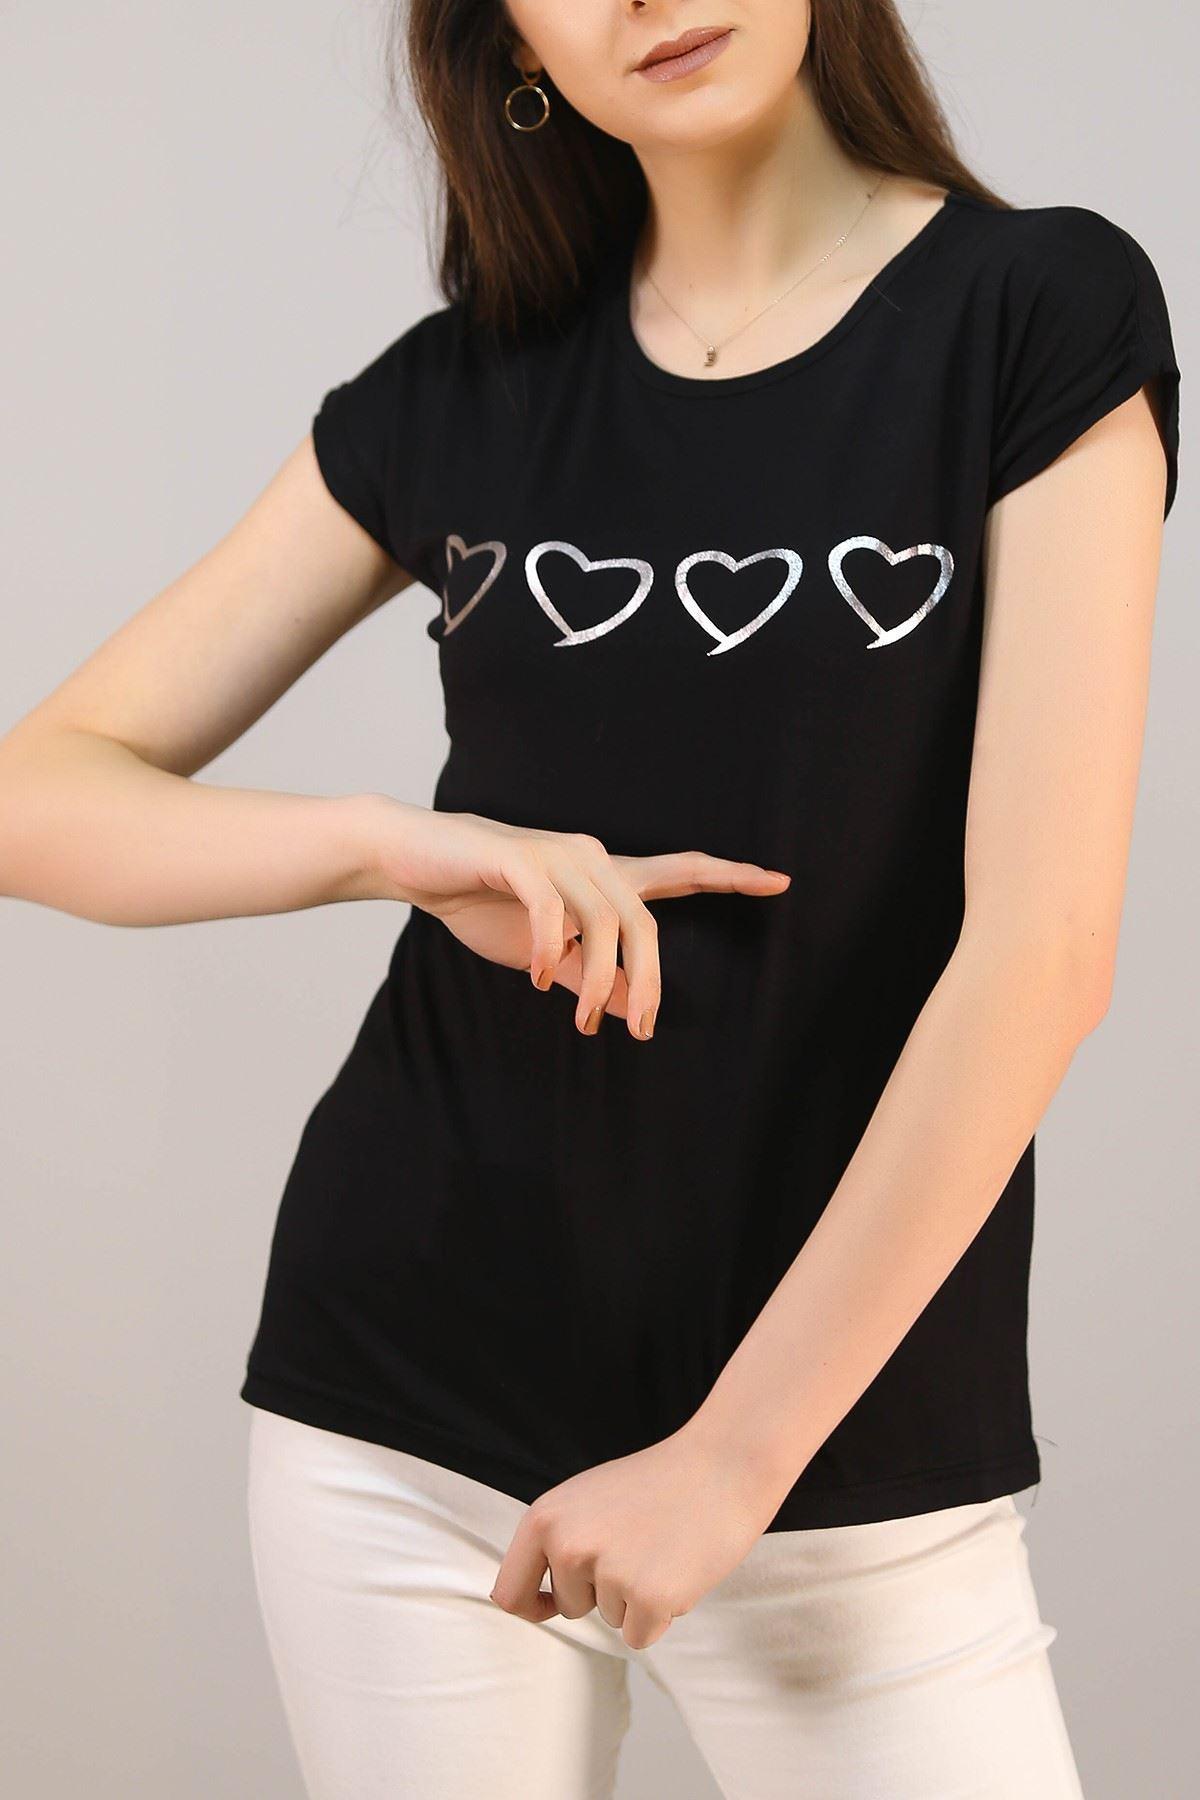 Kalp Baskılı Tişört Siyah - 5044.139.